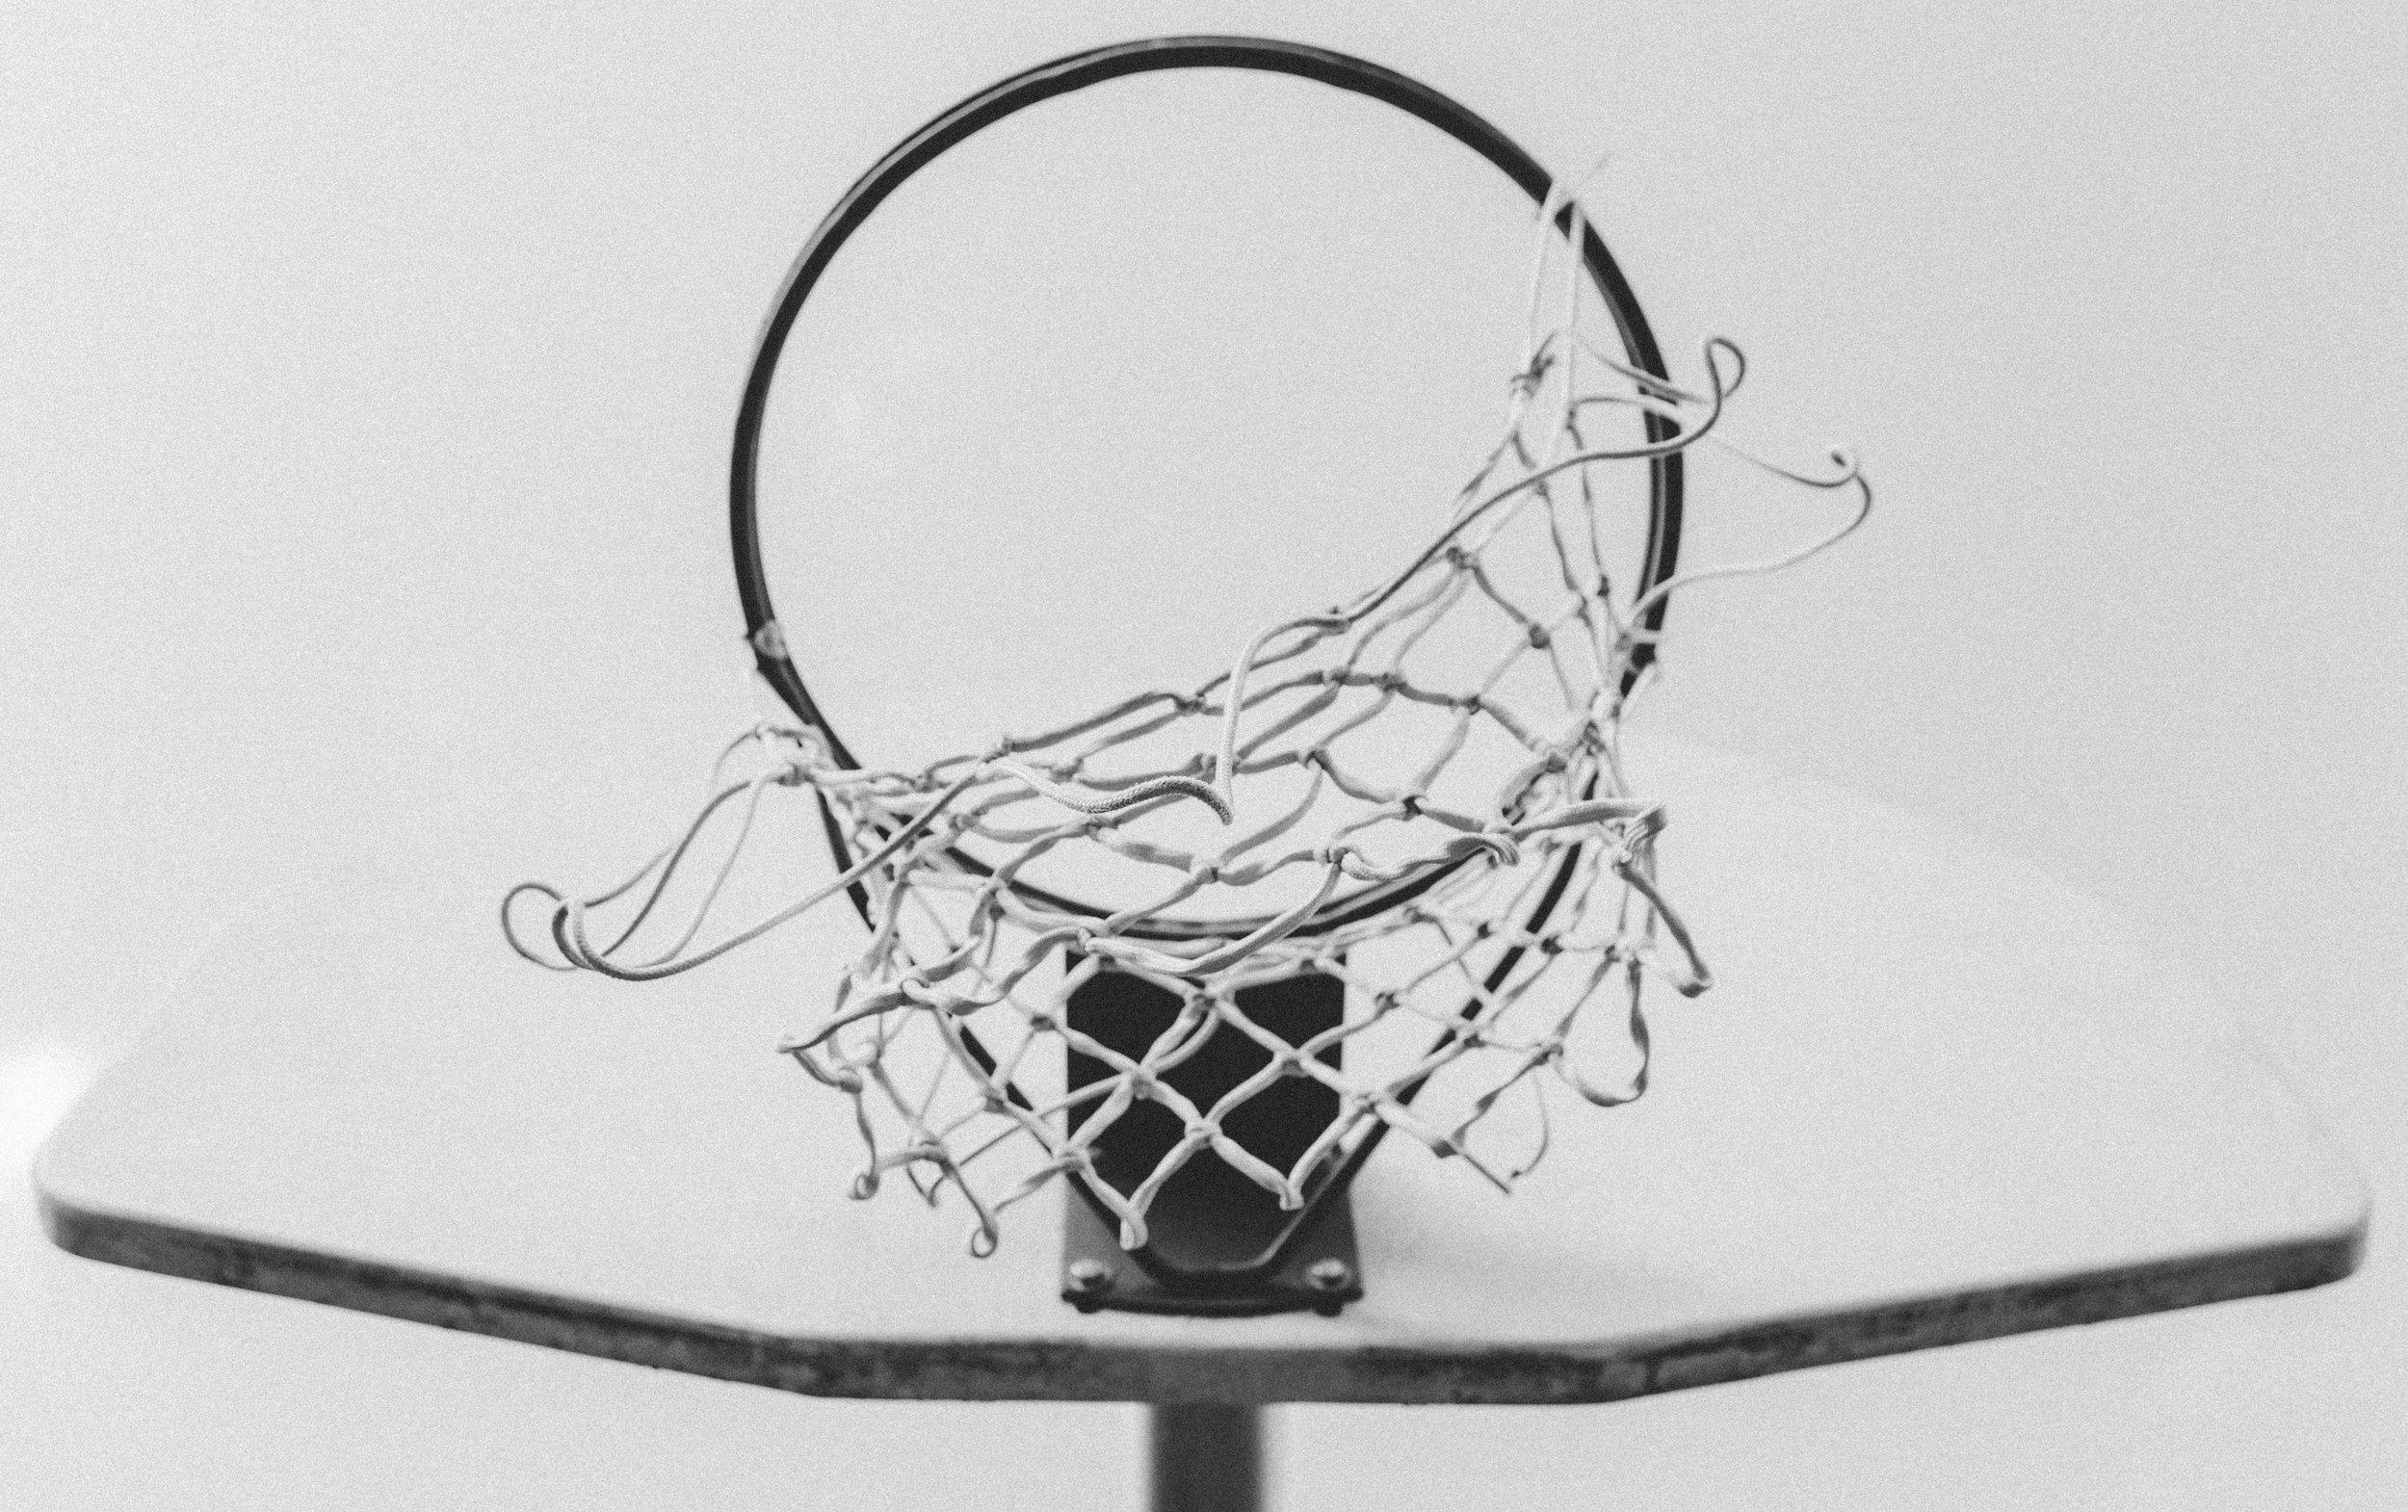 basketball-basket-basketball-hoop-basketball-ring-1582525.jpg